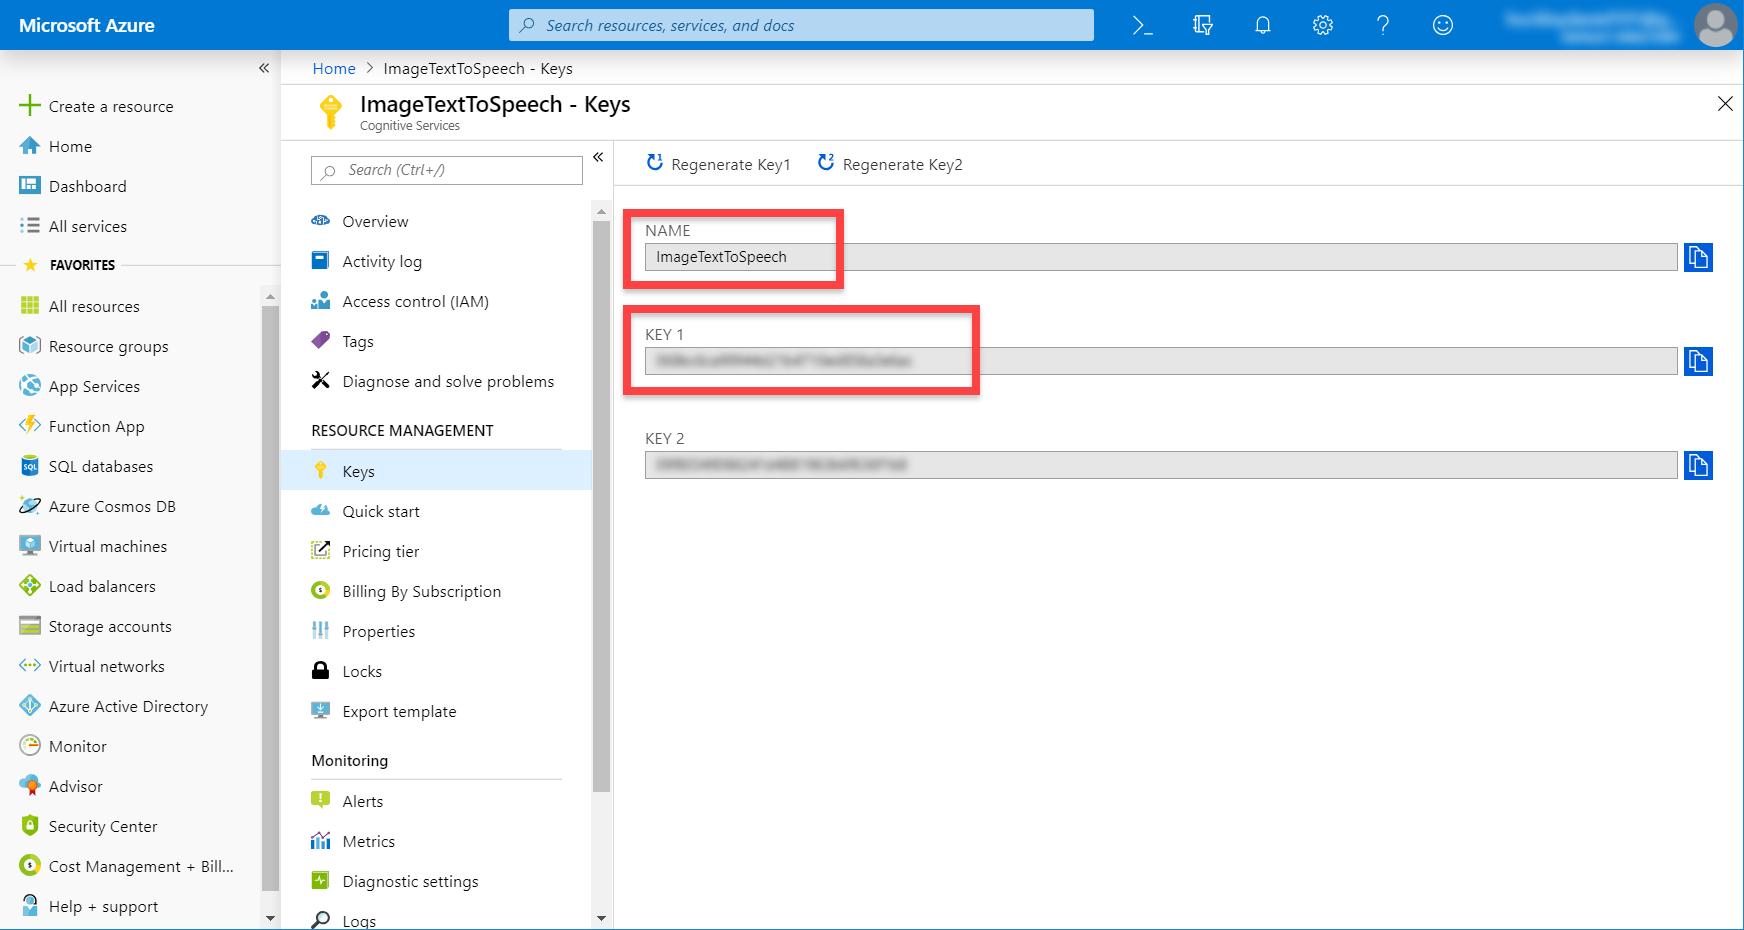 Microsoft Azure ImageTextToSpeech keys